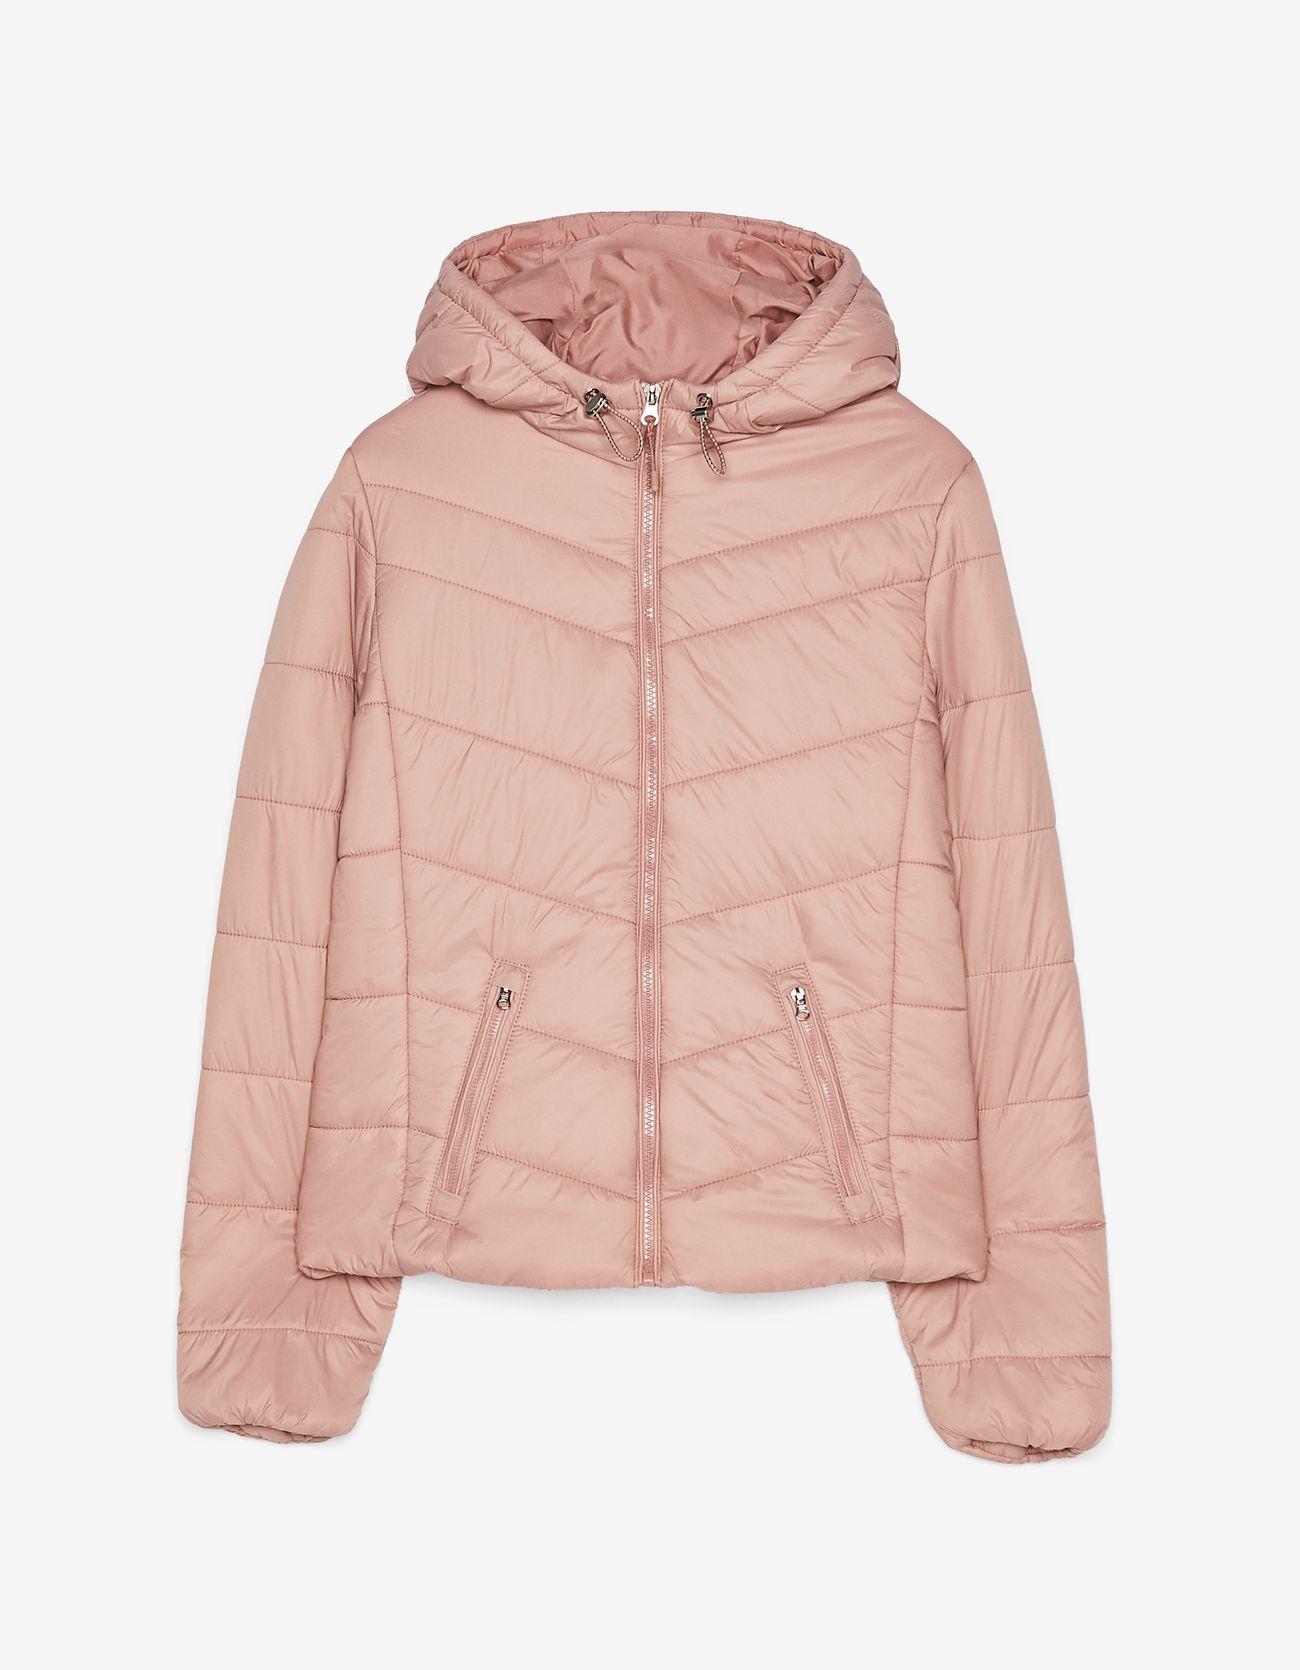 Стеганая куртка с капюшоном Розовый Bershka